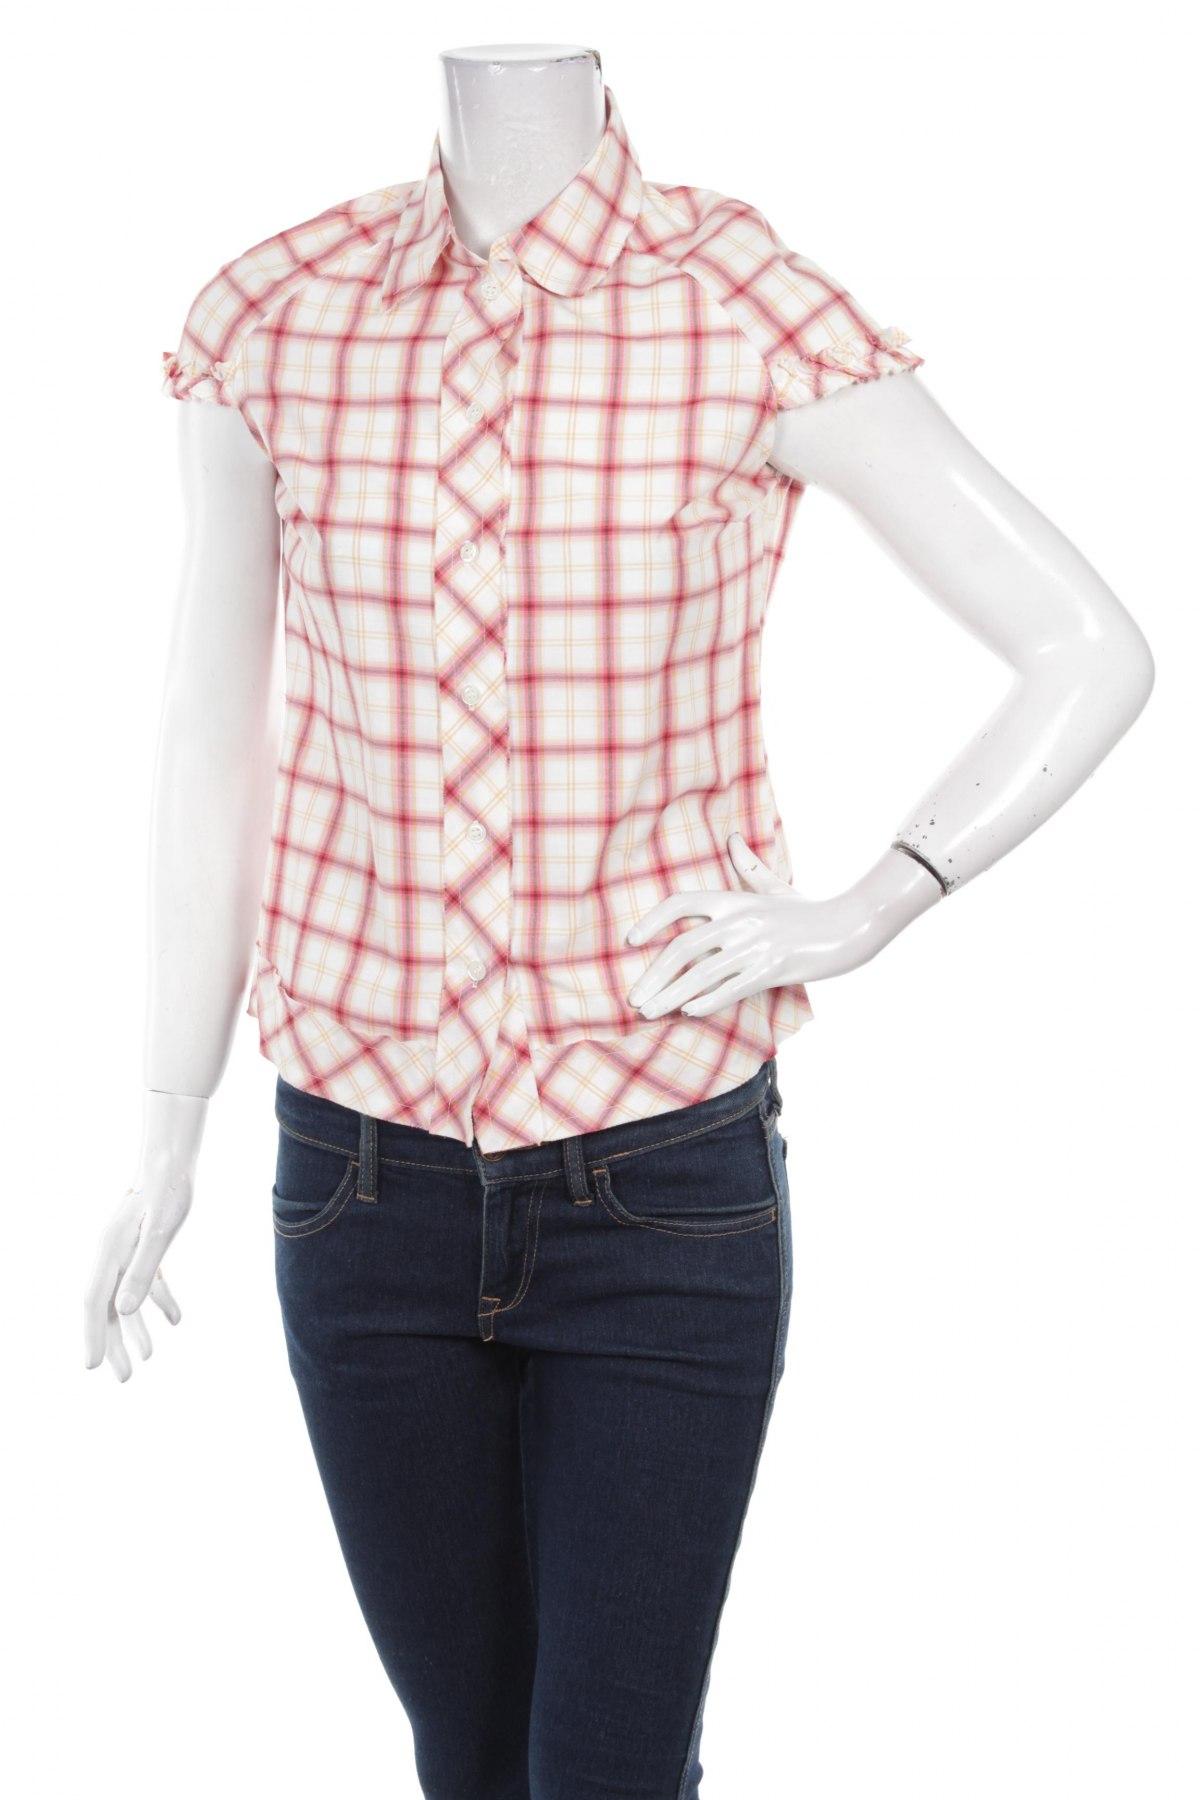 Γυναικείο πουκάμισο Yokoo